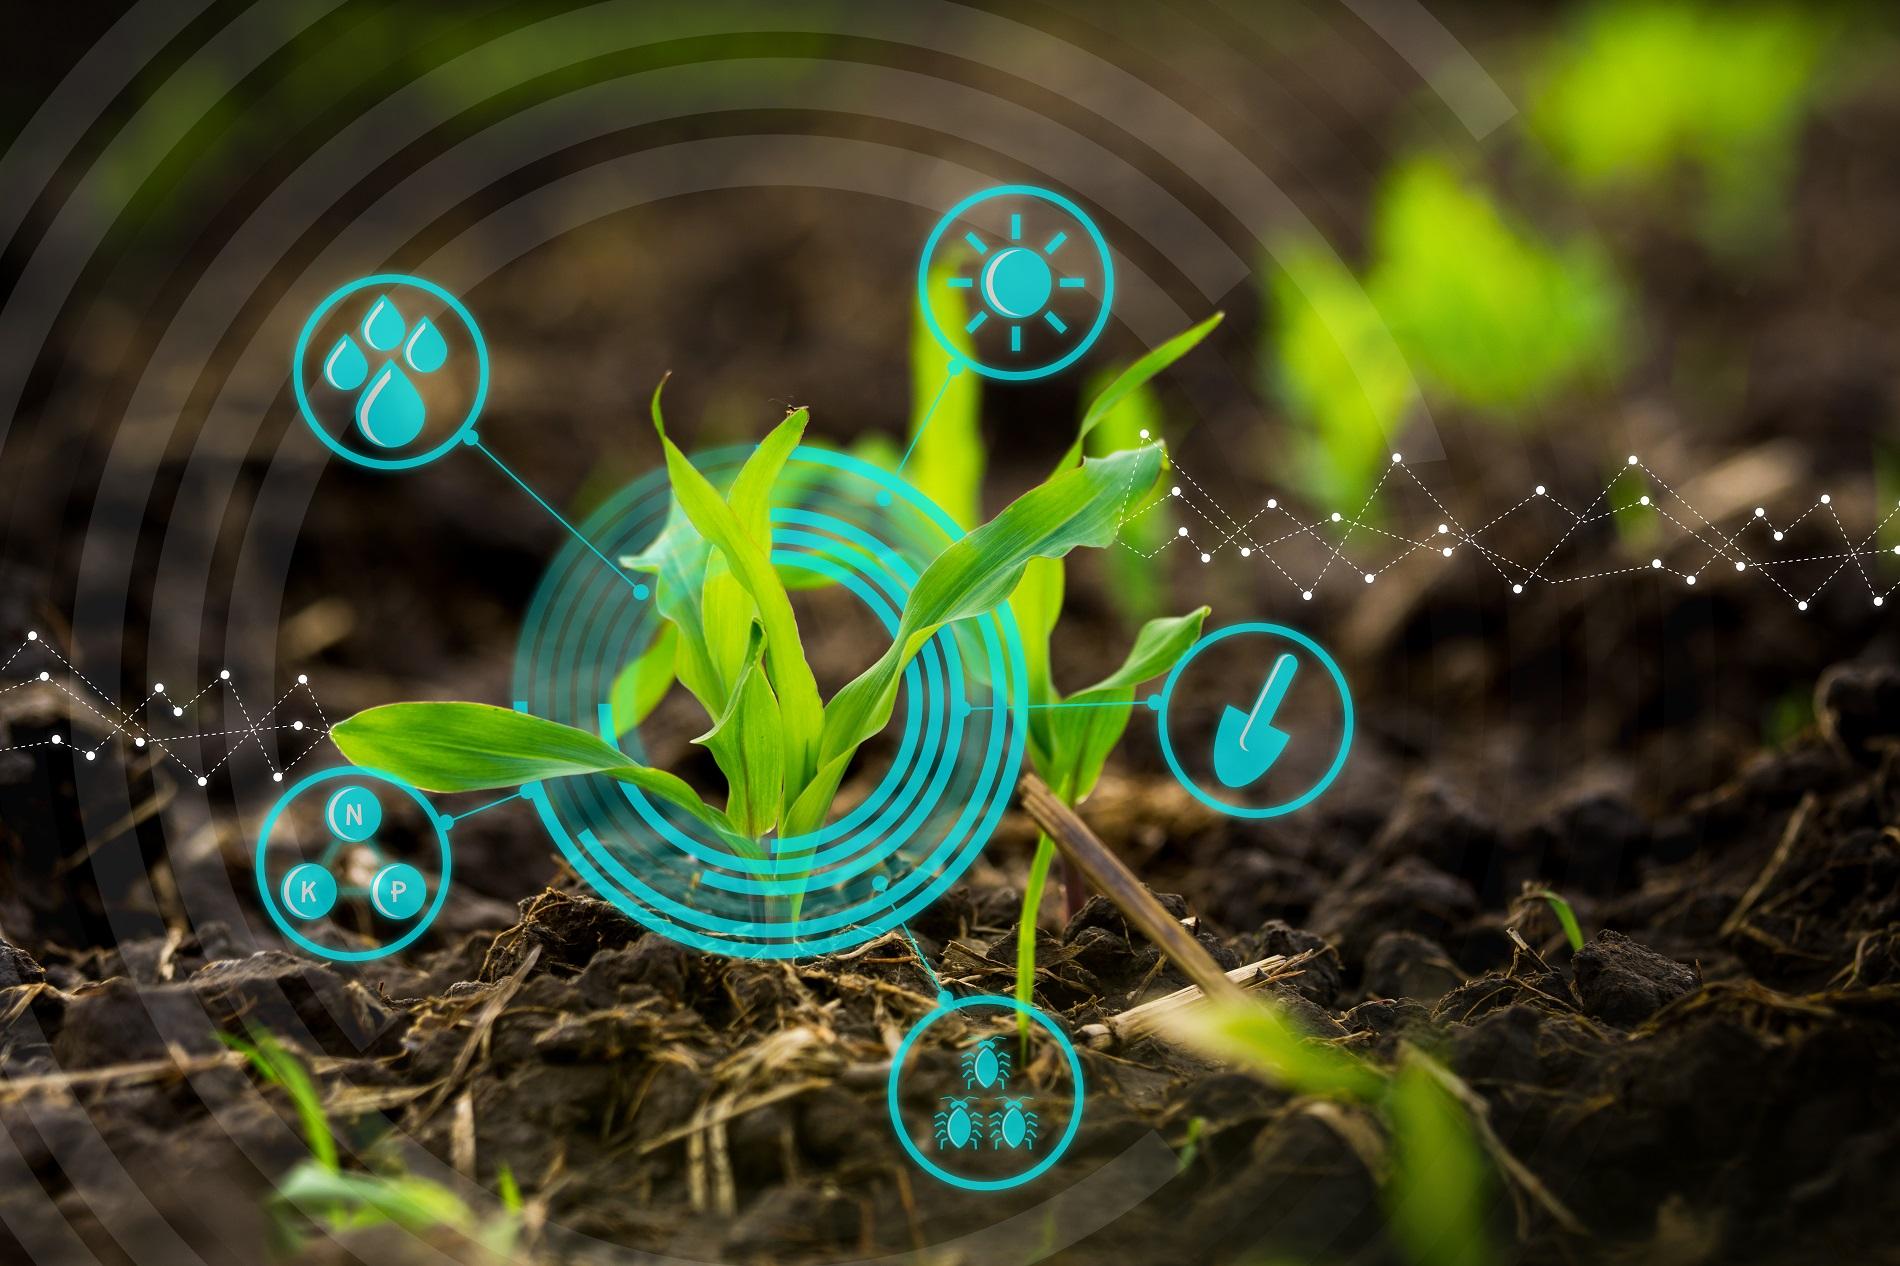 La innovación en sanidad vegetal como defensa frente a nuevas amenazas en la agricultura